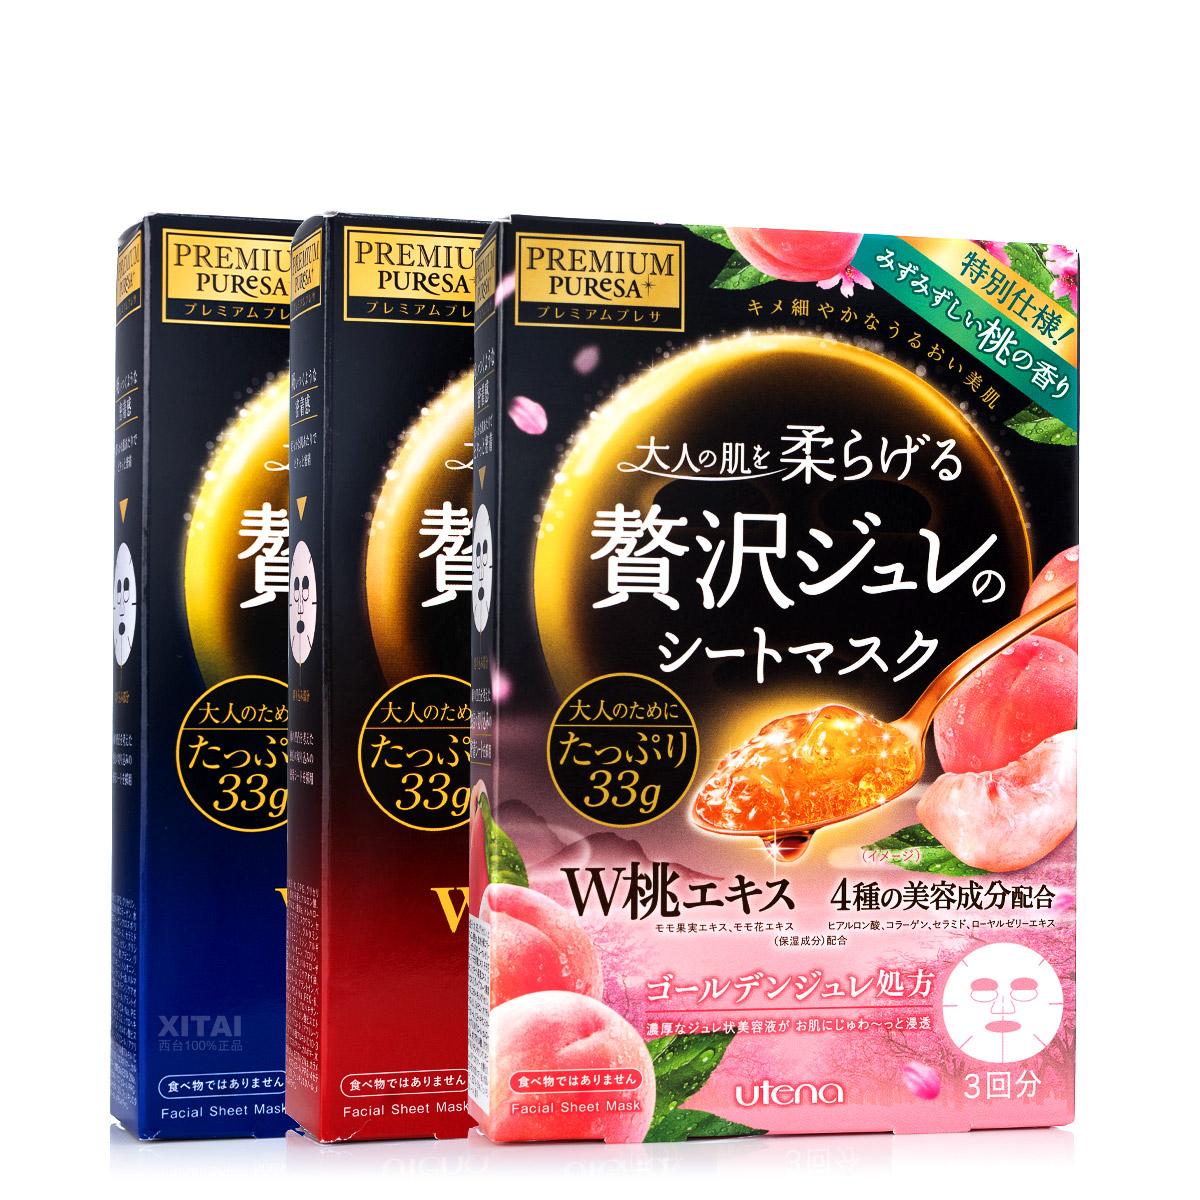 日本Utena佑天蘭黃金果凍面膜 膠原蛋白蜂王漿精華液補水保溼3片